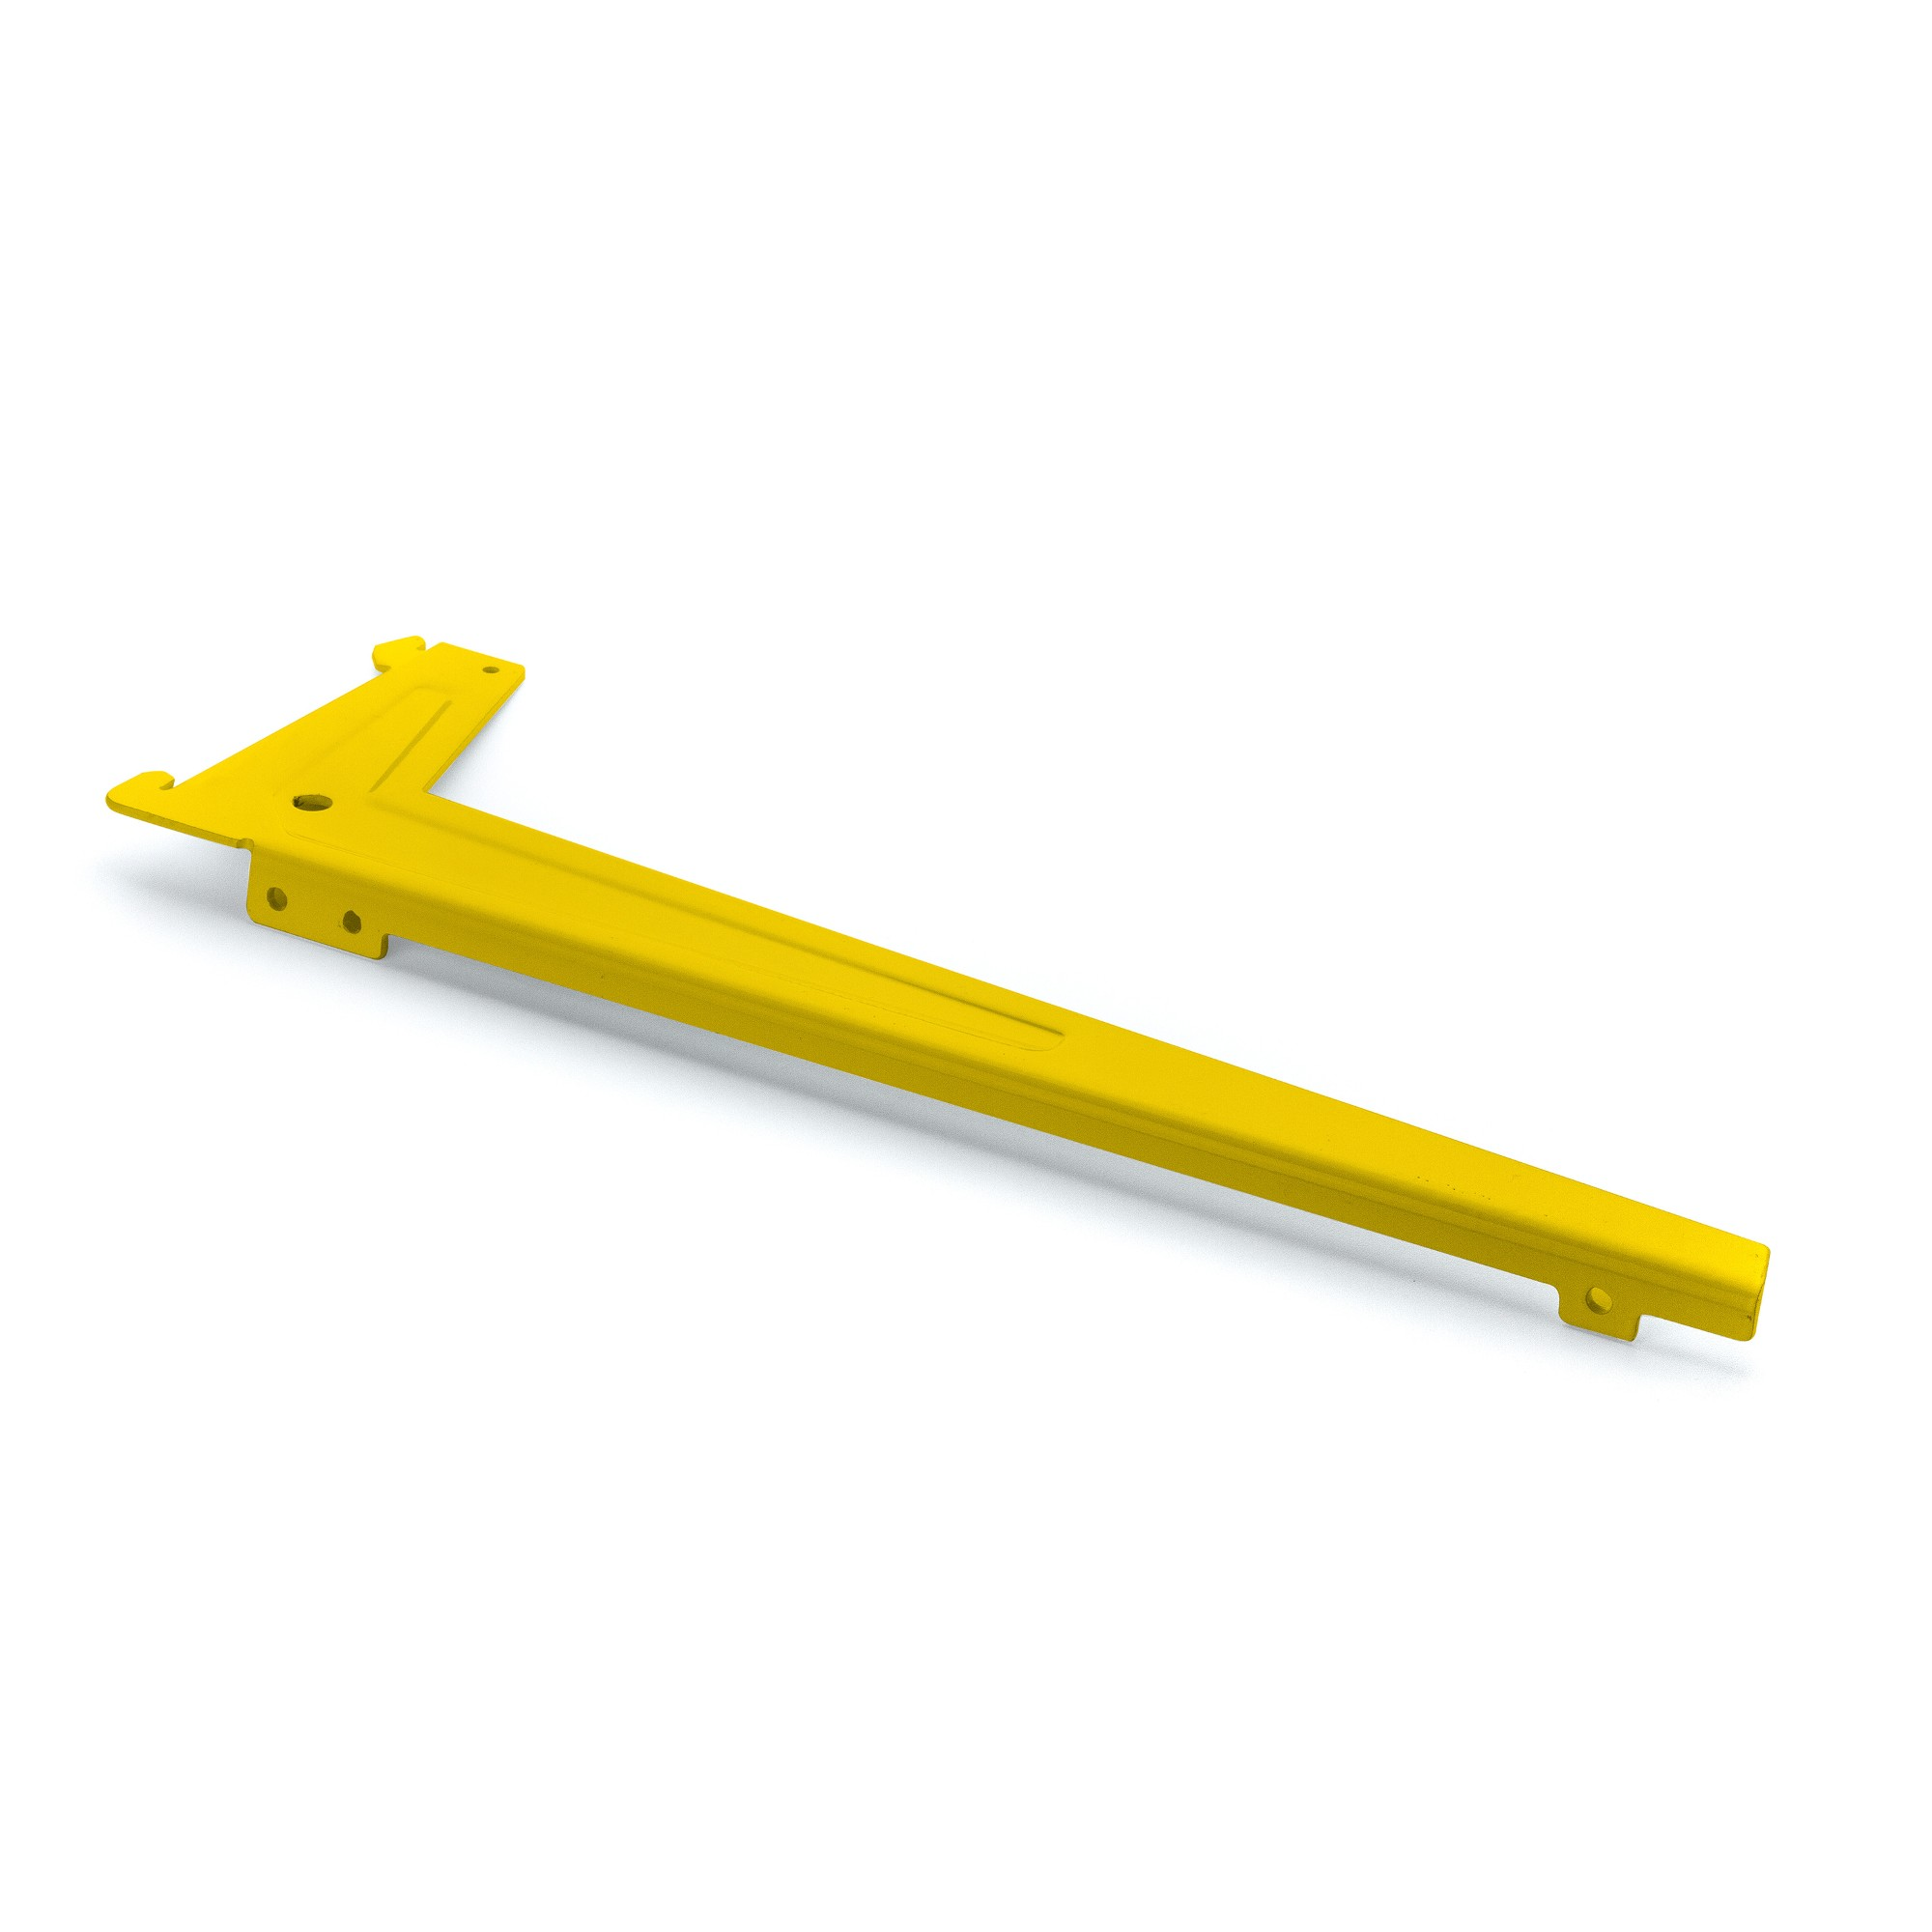 Suporte para Trilho Aco 291cm Encaixe Simples Aba Esquerda Amarelo - Fico